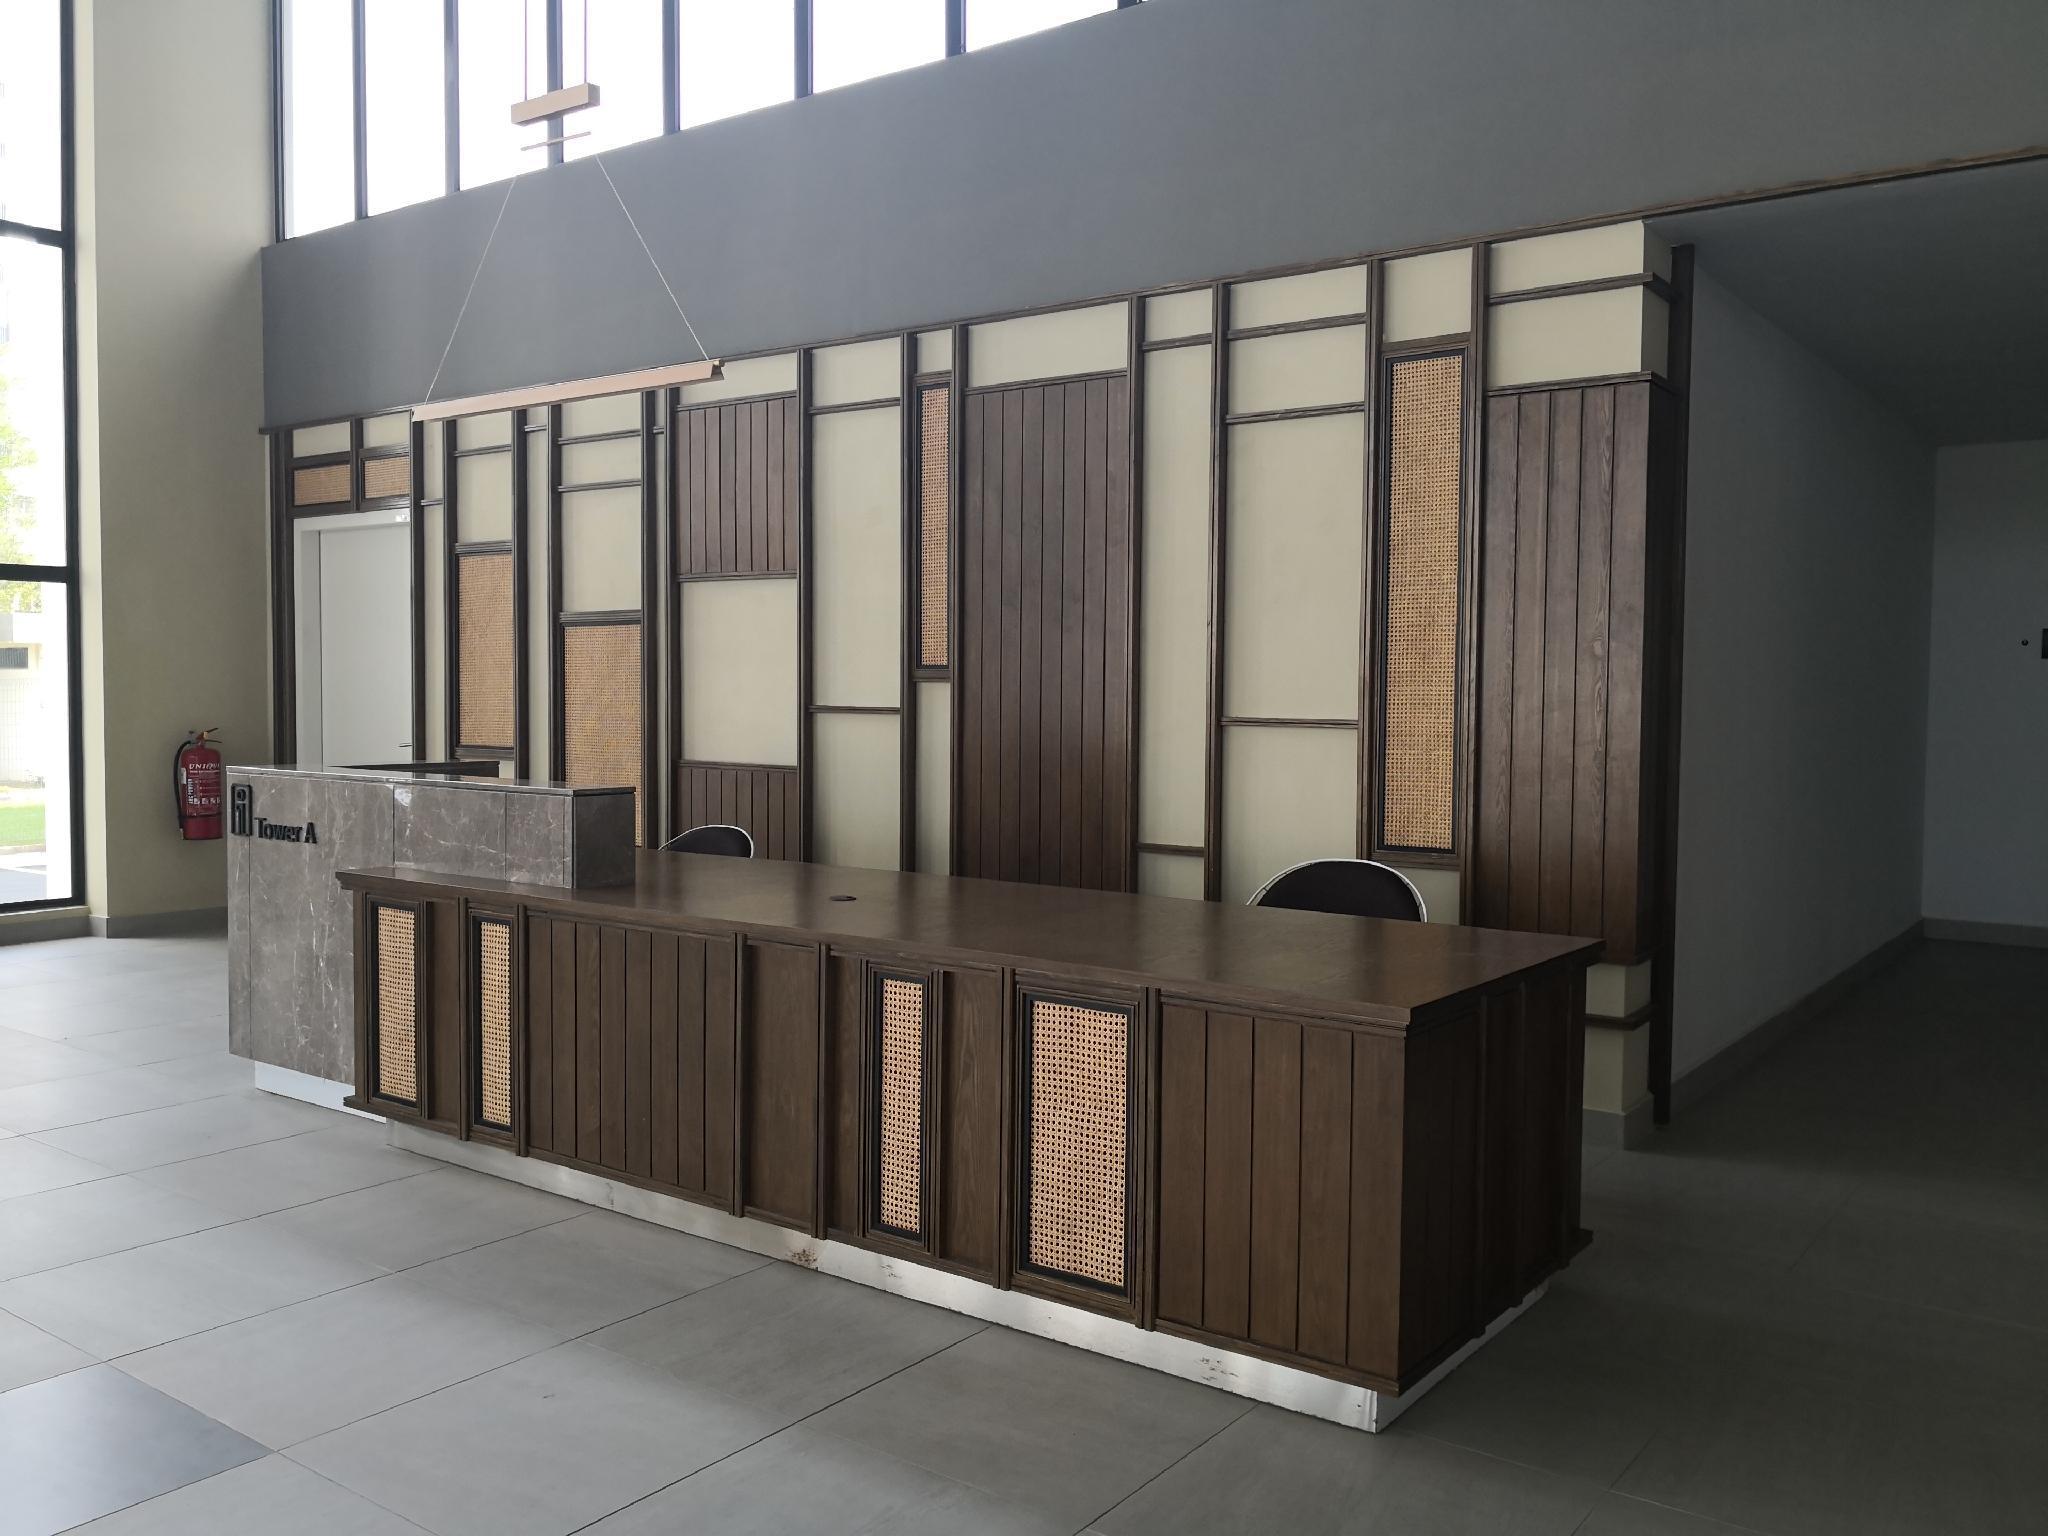 Timur Bay cation Suites